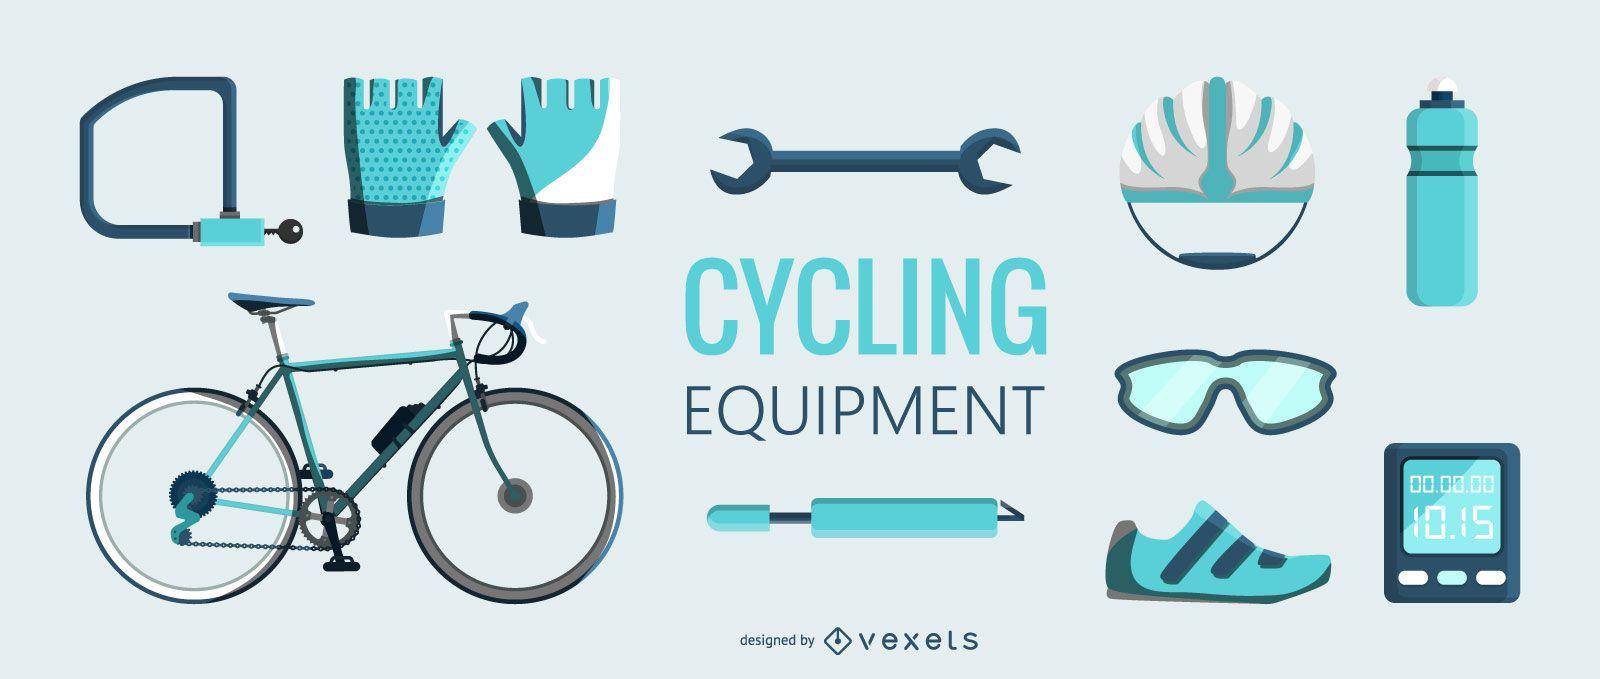 Ilustración de equipo de ciclismo Flt